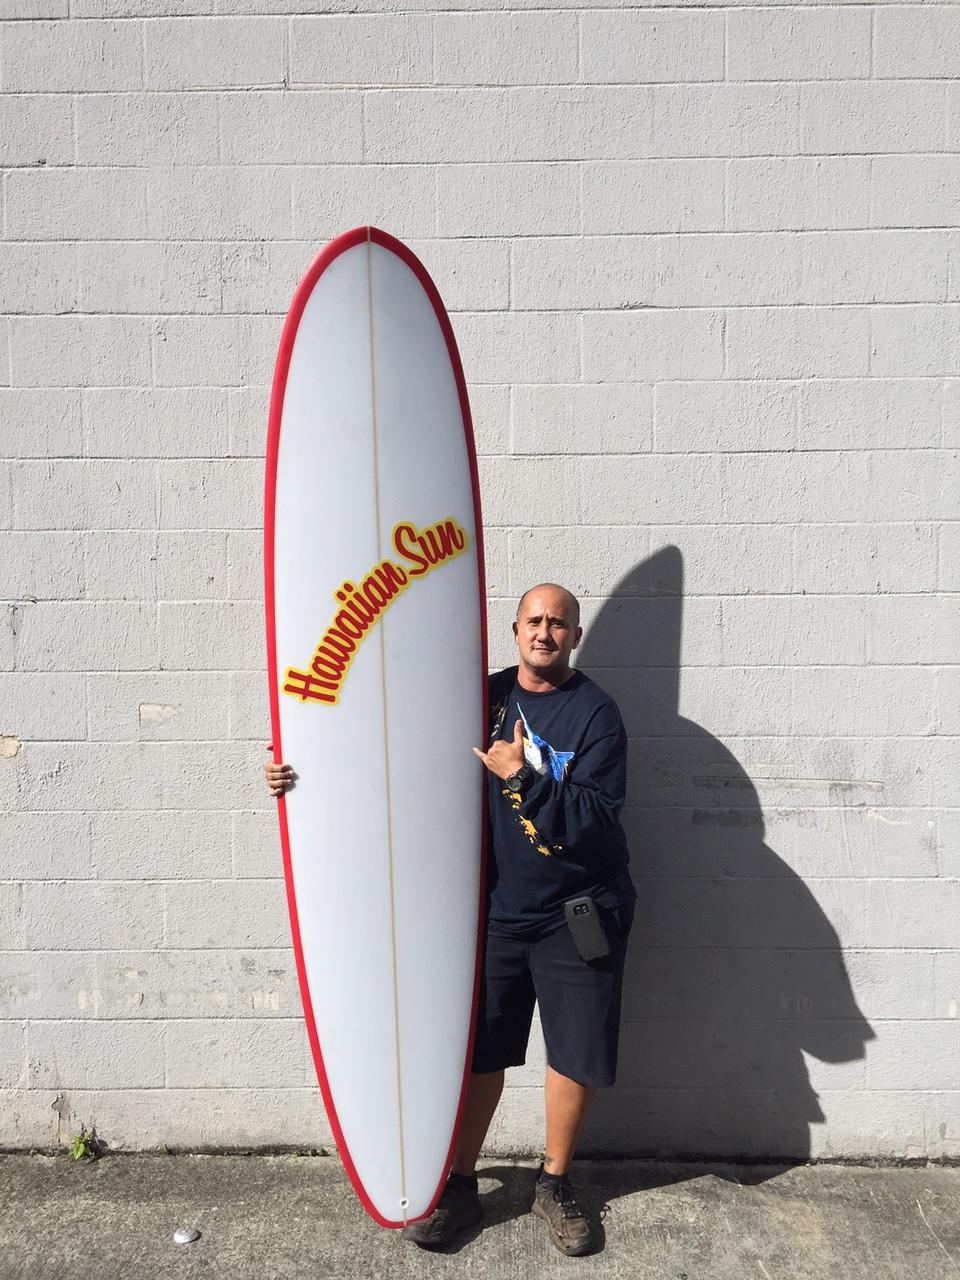 Joe Ng, winner of the Hawaiian Sun surfboard